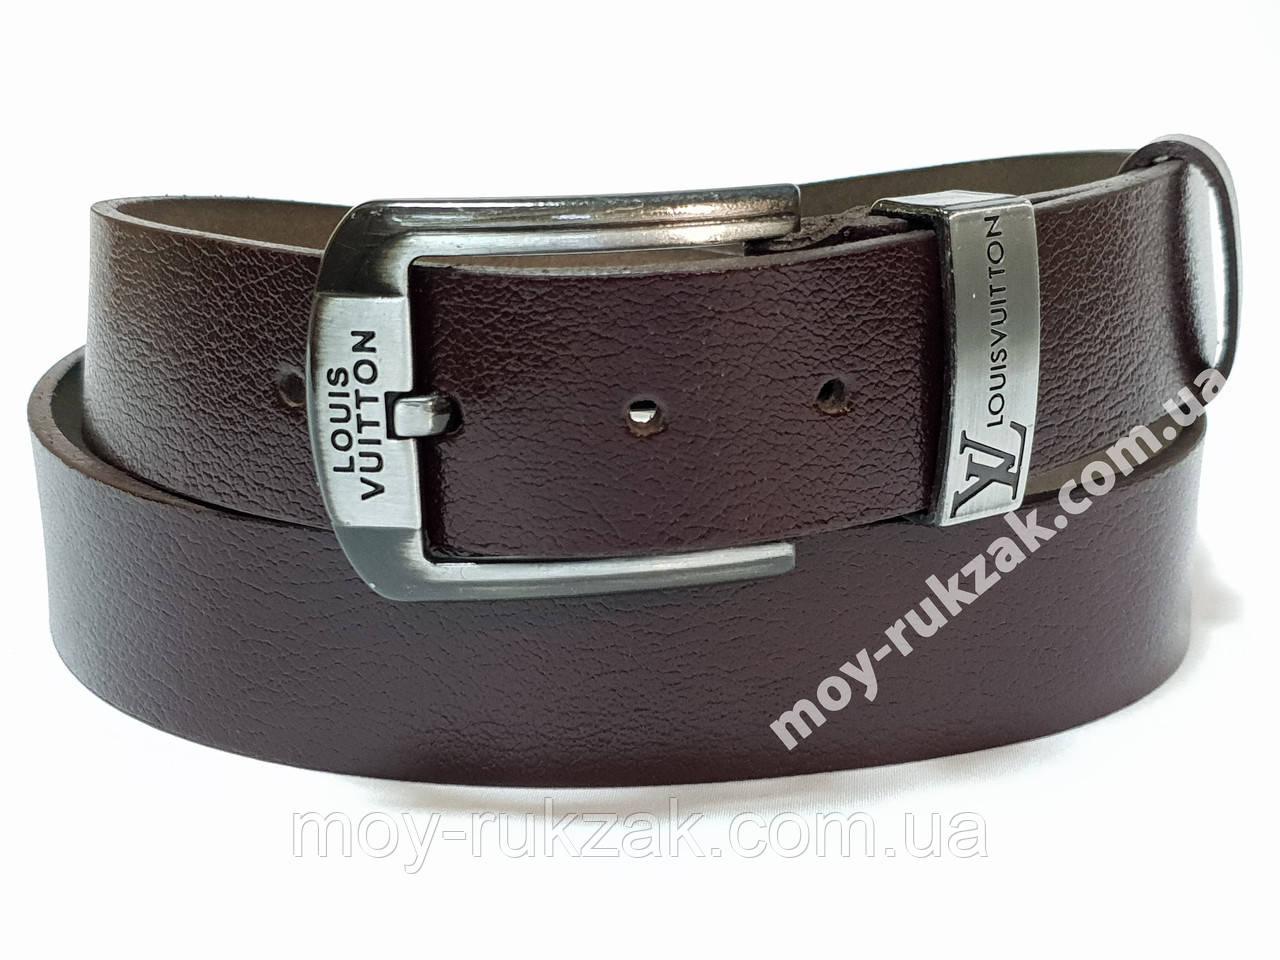 Ремень мужской кожаный Louis Vuitton ширина 40 мм., реплика арт. 930633